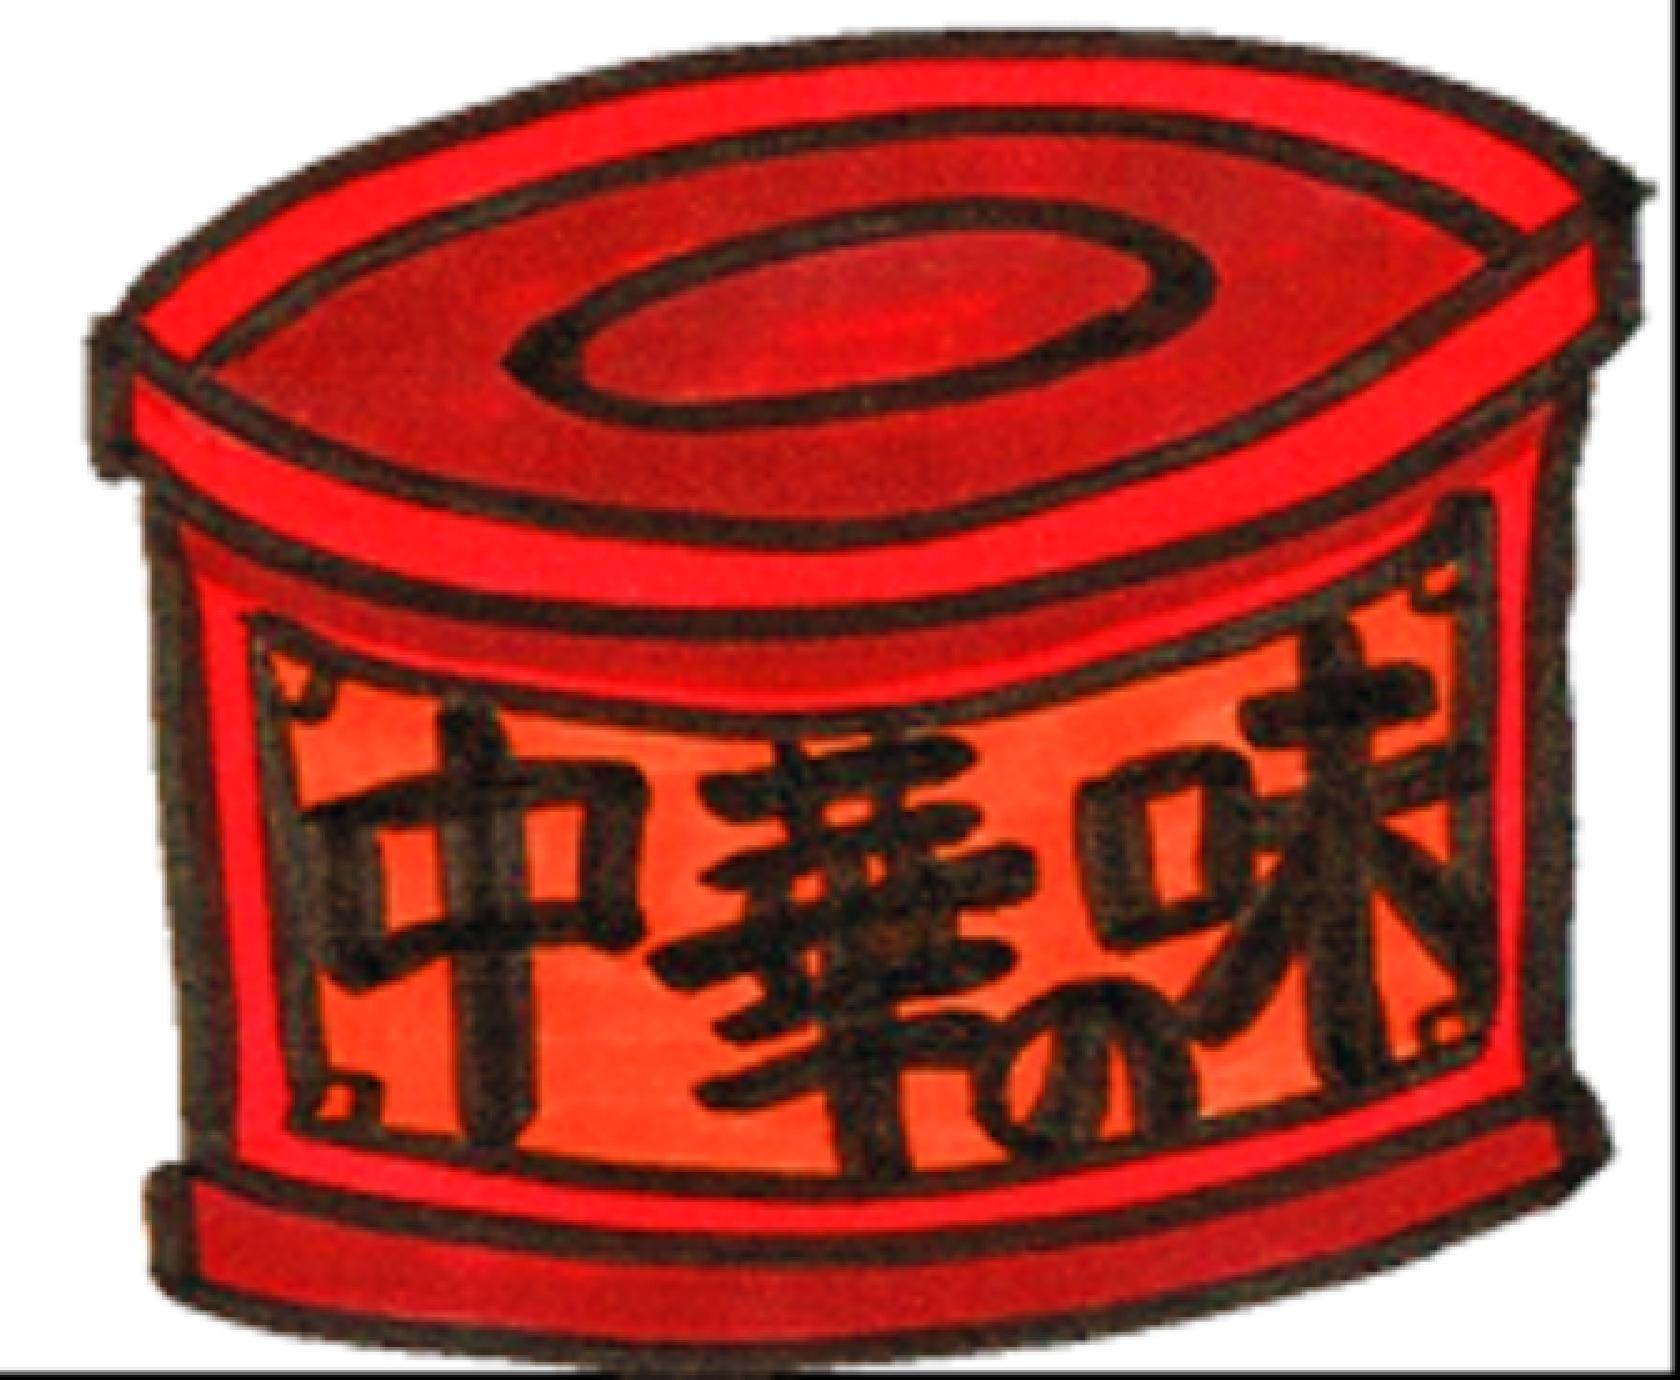 ウェイパーのみをスープにした鍋は絶品!使い方のオススメは担々麺が一押し!